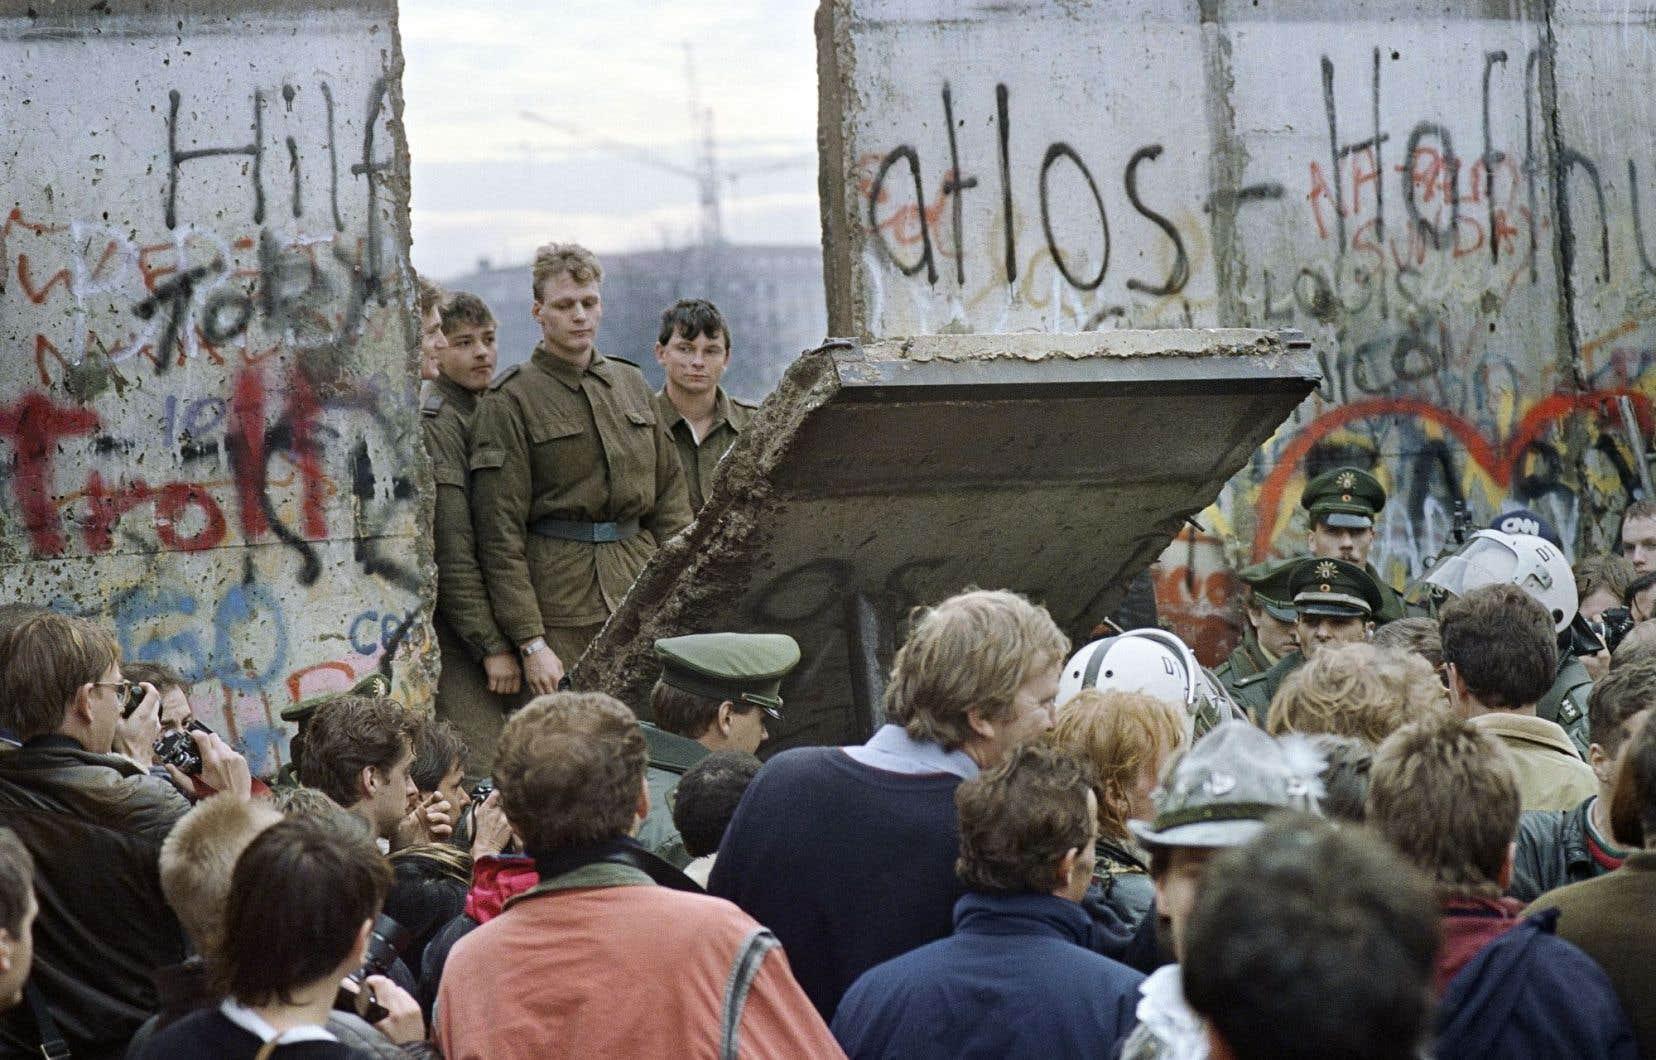 La chute du mur de Berlin en 1989 atteste la fin d'un cycle historique sanglant marqué par le choc d'utopies que l'historien anglais Eric Hobsbam a qualifié de «court XXesiècle».